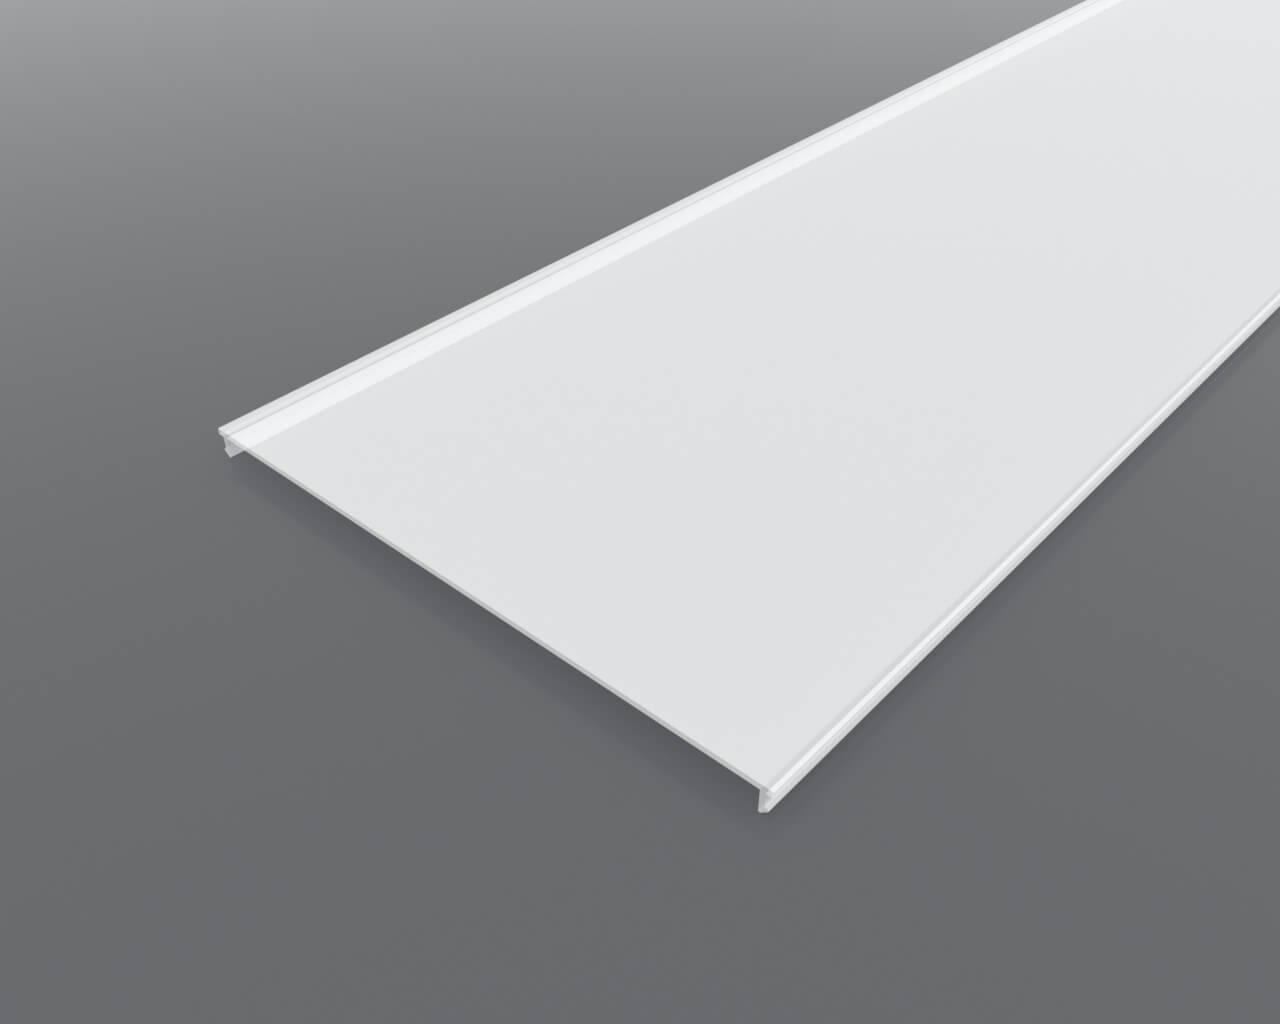 Рассеиватель матовый поликарбонат LC-LRM-М175-6